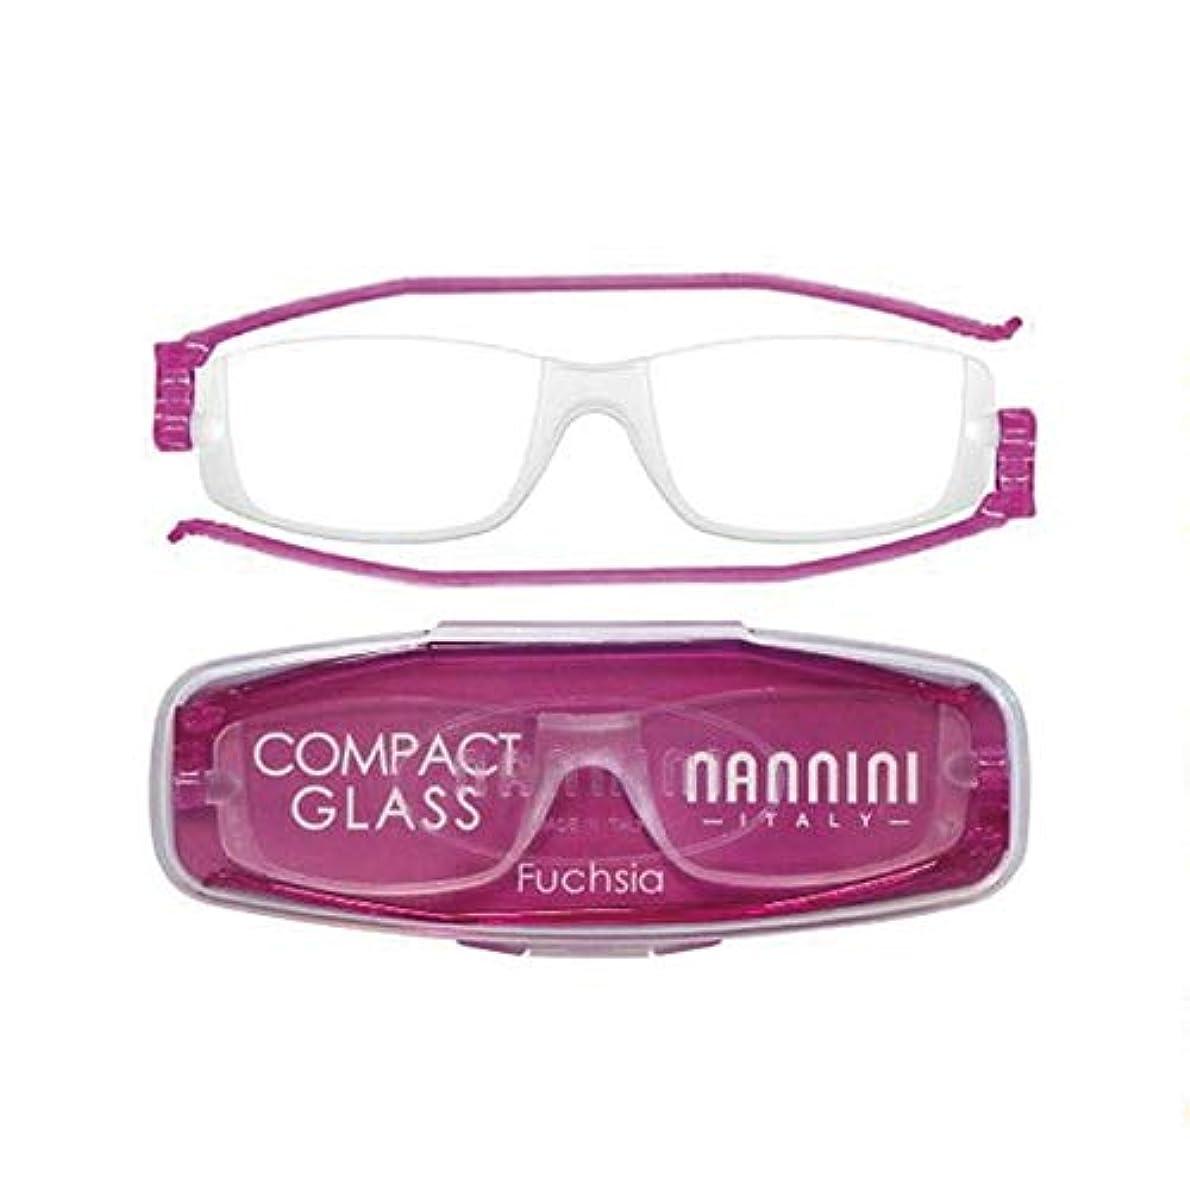 老眼鏡 コンパクトグラス2 nannini リーディンググラス 男性用 女性用 メンズ レディース シニアグラス 全12色(+2.50,フクシャ)